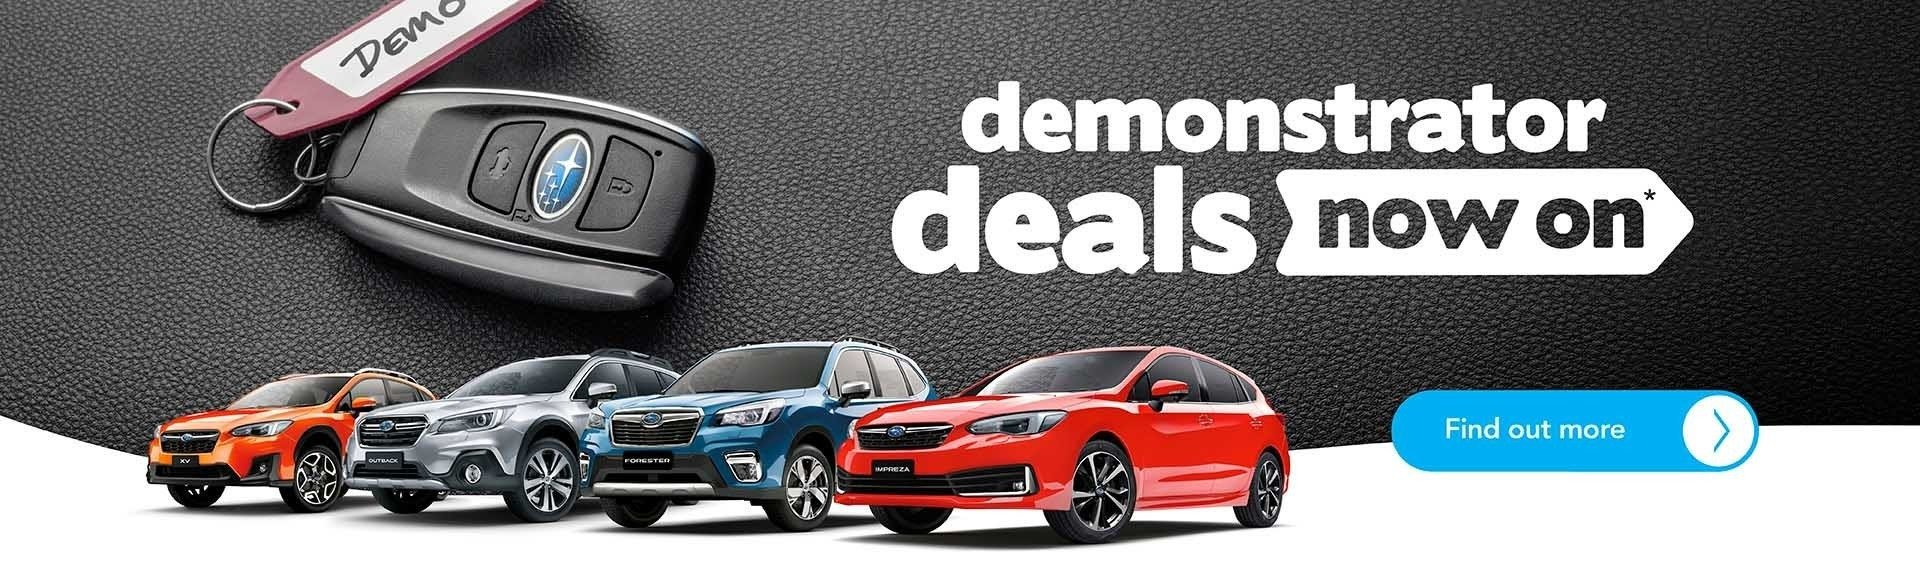 Subaru Glen Waverley - Demonstrator Sale on now